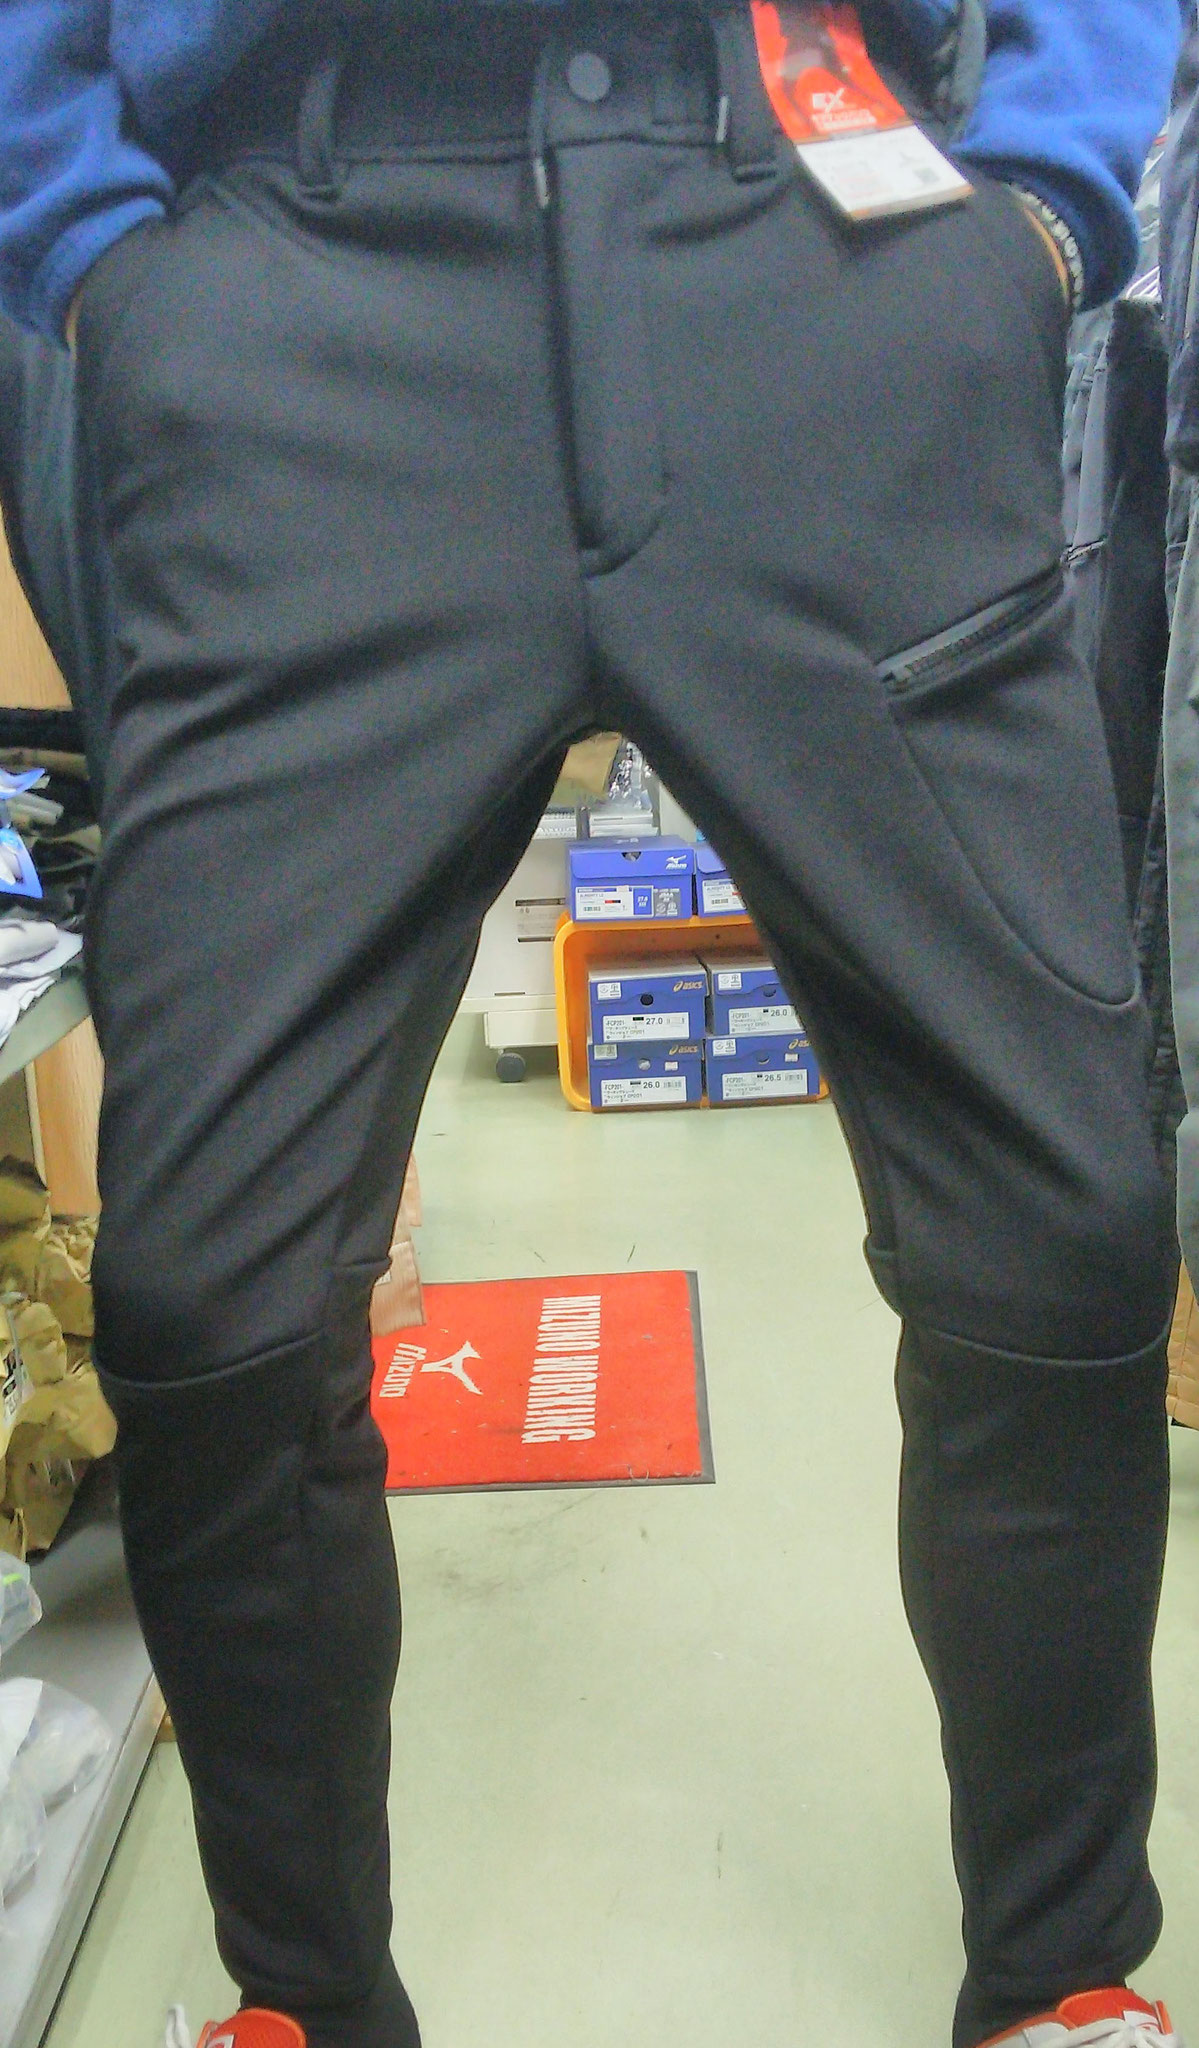 EVEN RIVER~イーブンリバー~EX-102 ギアテックパンツ=履いてみました=すそにむかってスリムなので、フィット感が抜群です。